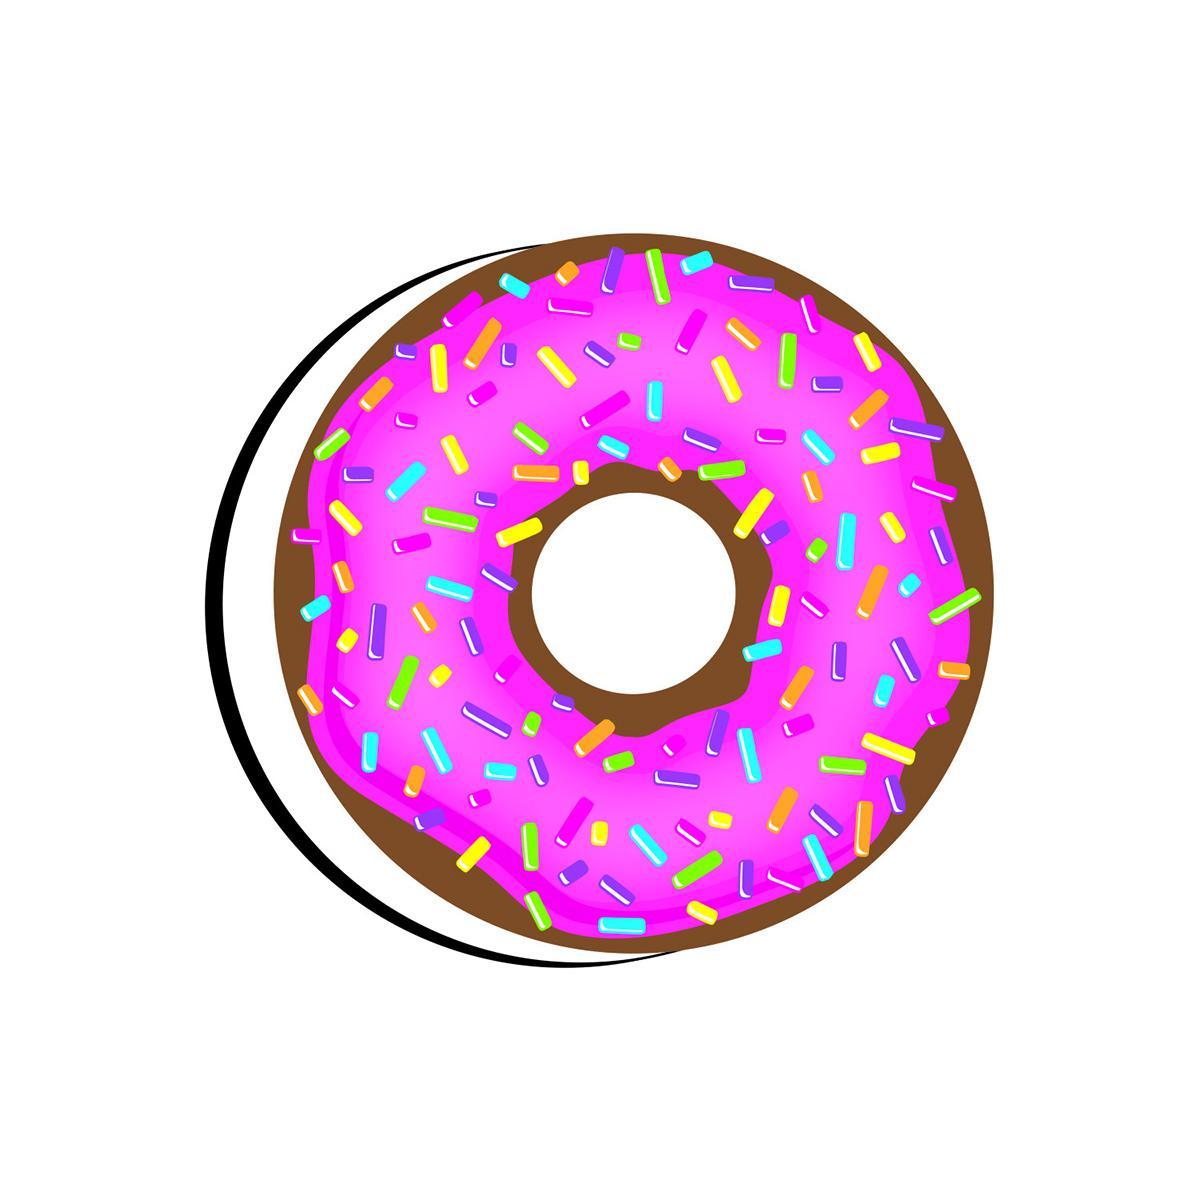 Donut Magnetic Whiteboard Eraser